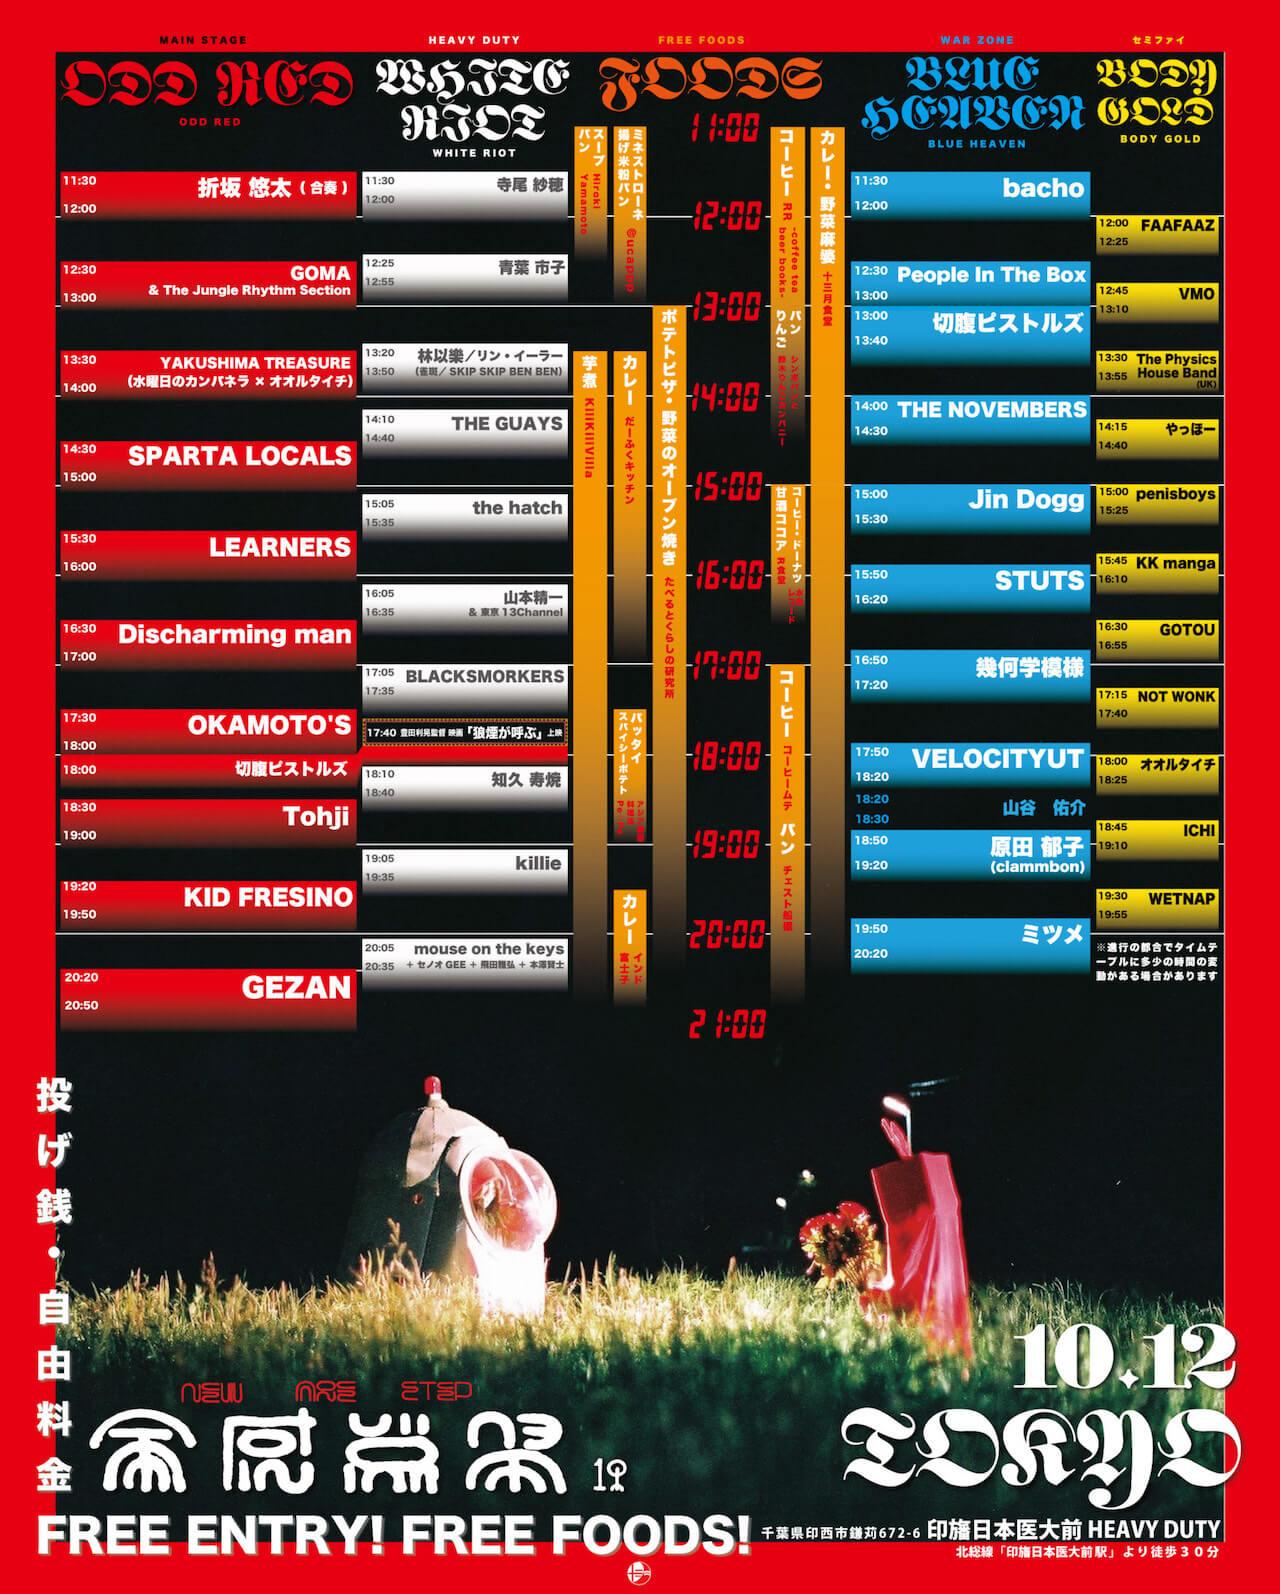 【今週末開催】GEZAN主催<全感覚祭19 -NEW AGE STEP->の最終出演者&タイム-テーブルが発表 music191008-zenkankakufes-2